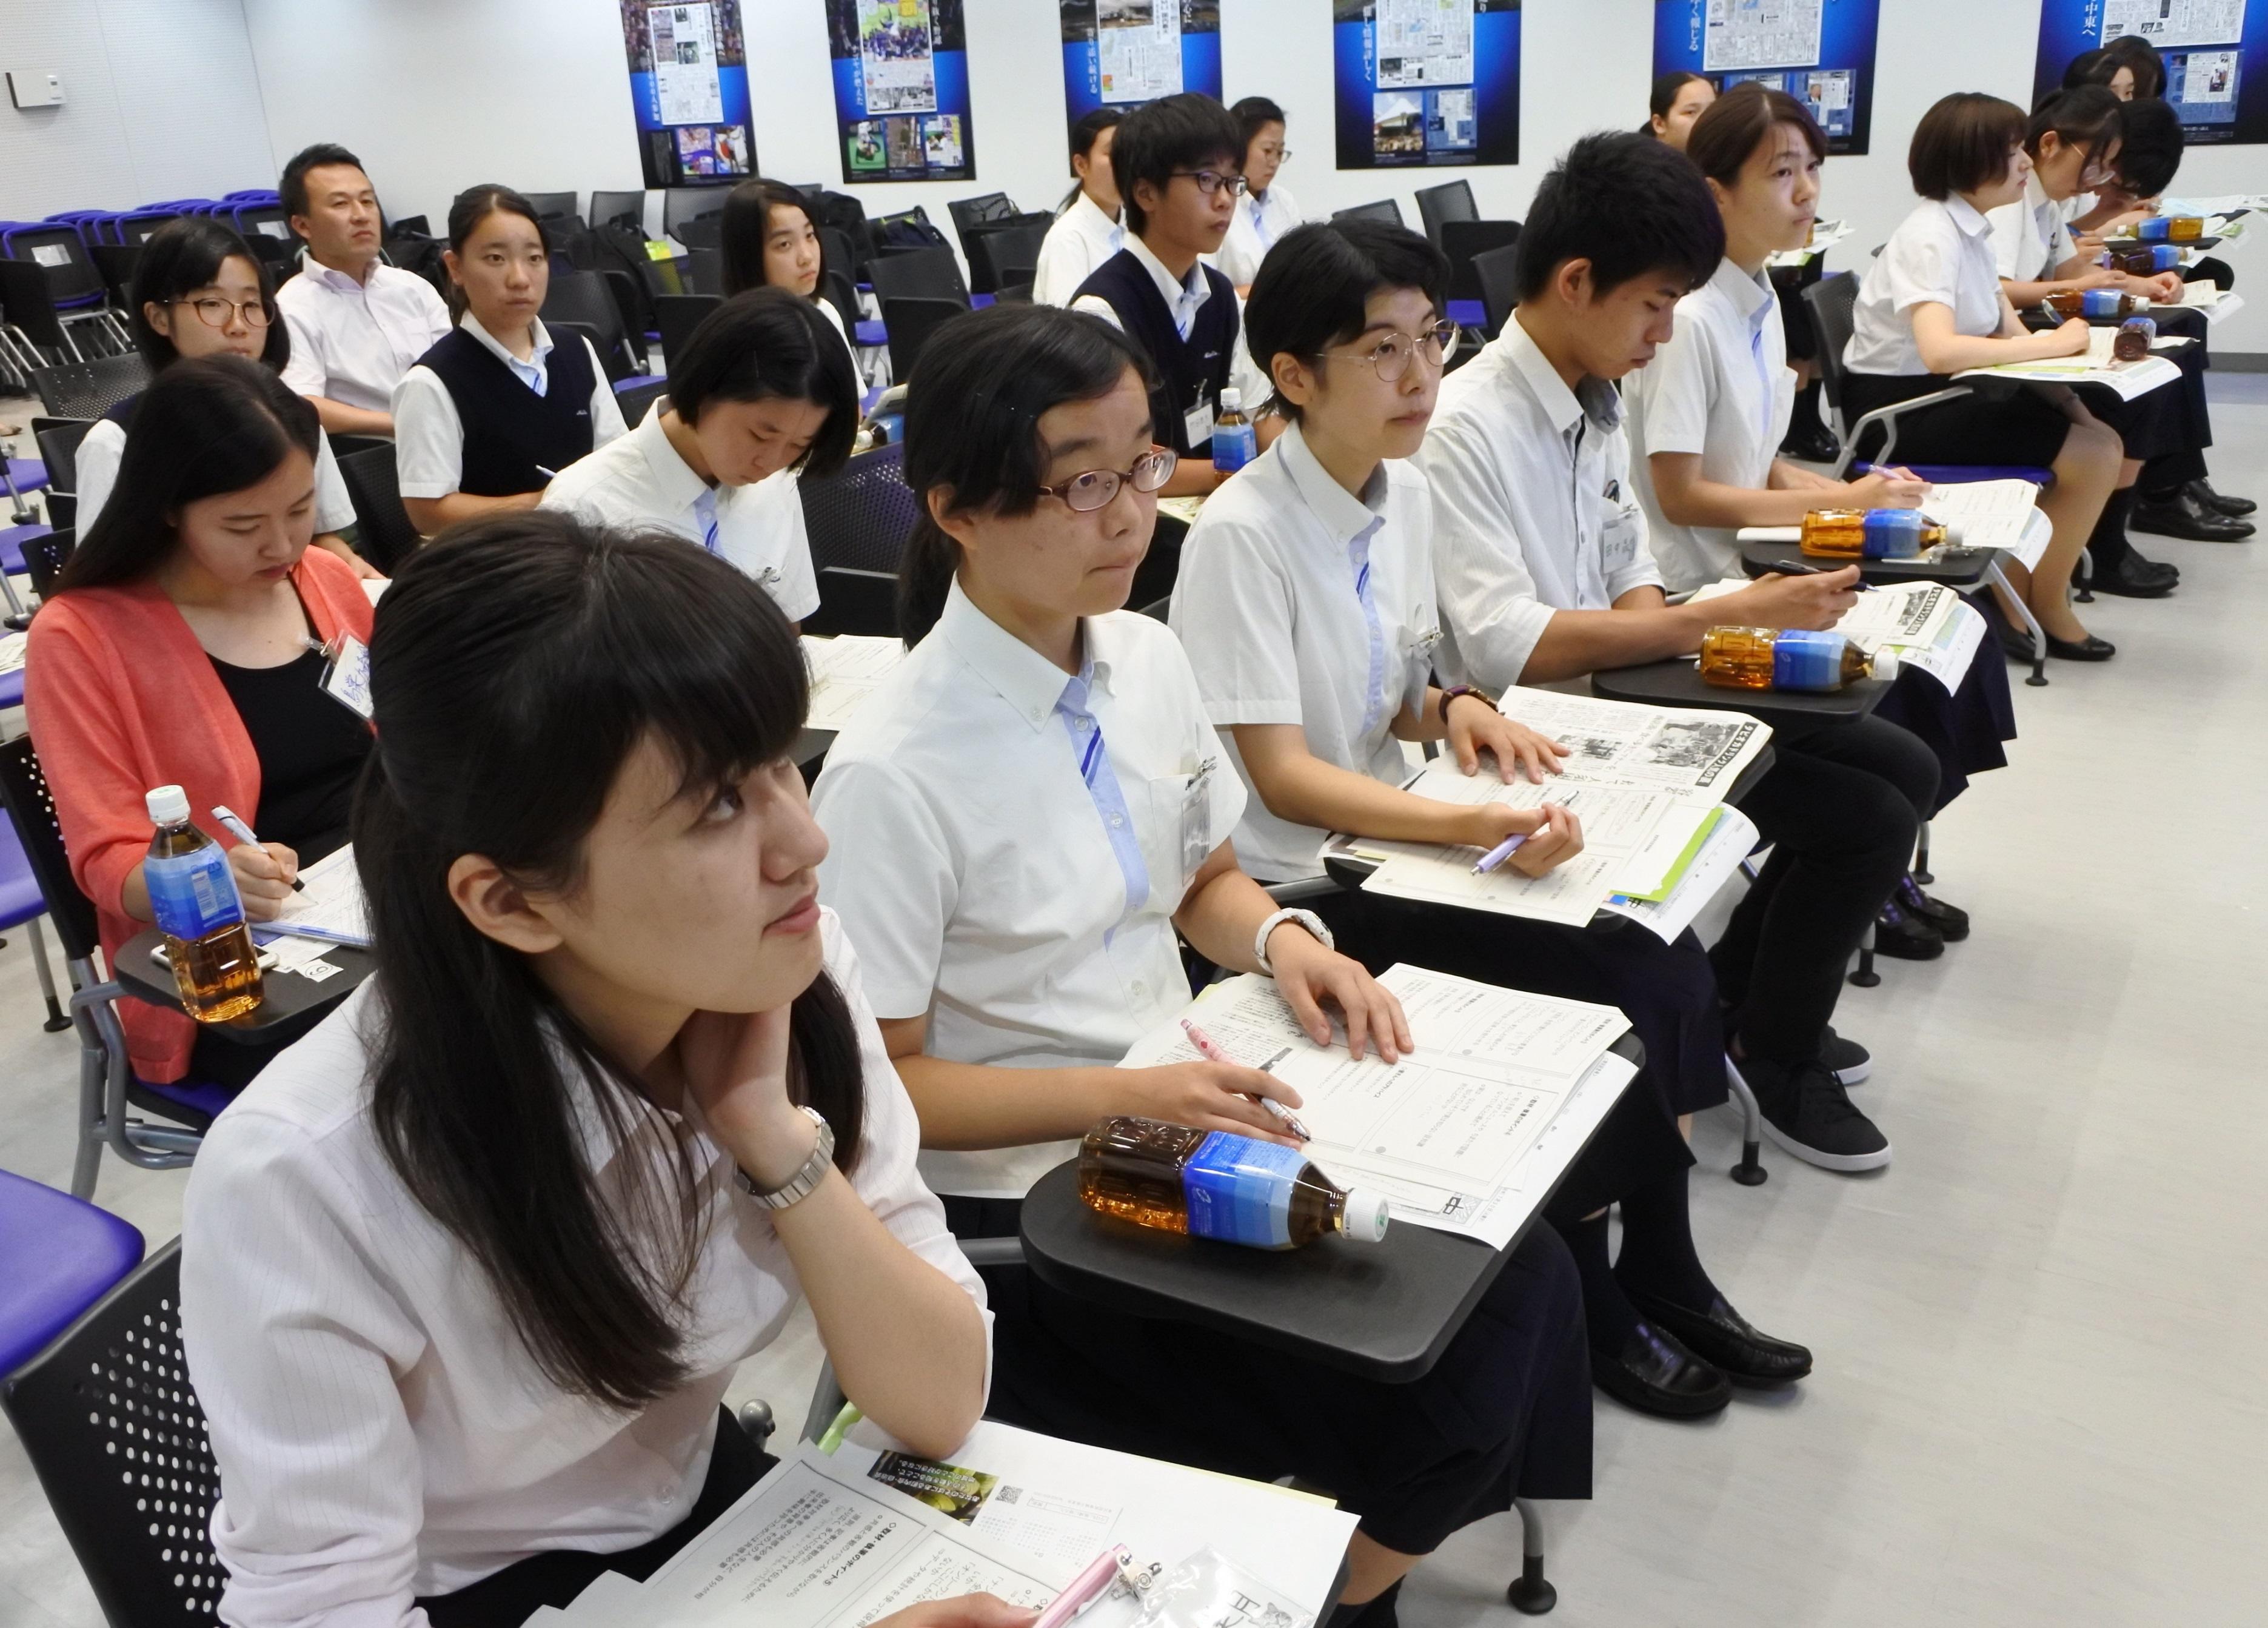 中日新聞社で井本記者の講演を聞く学生記者たち